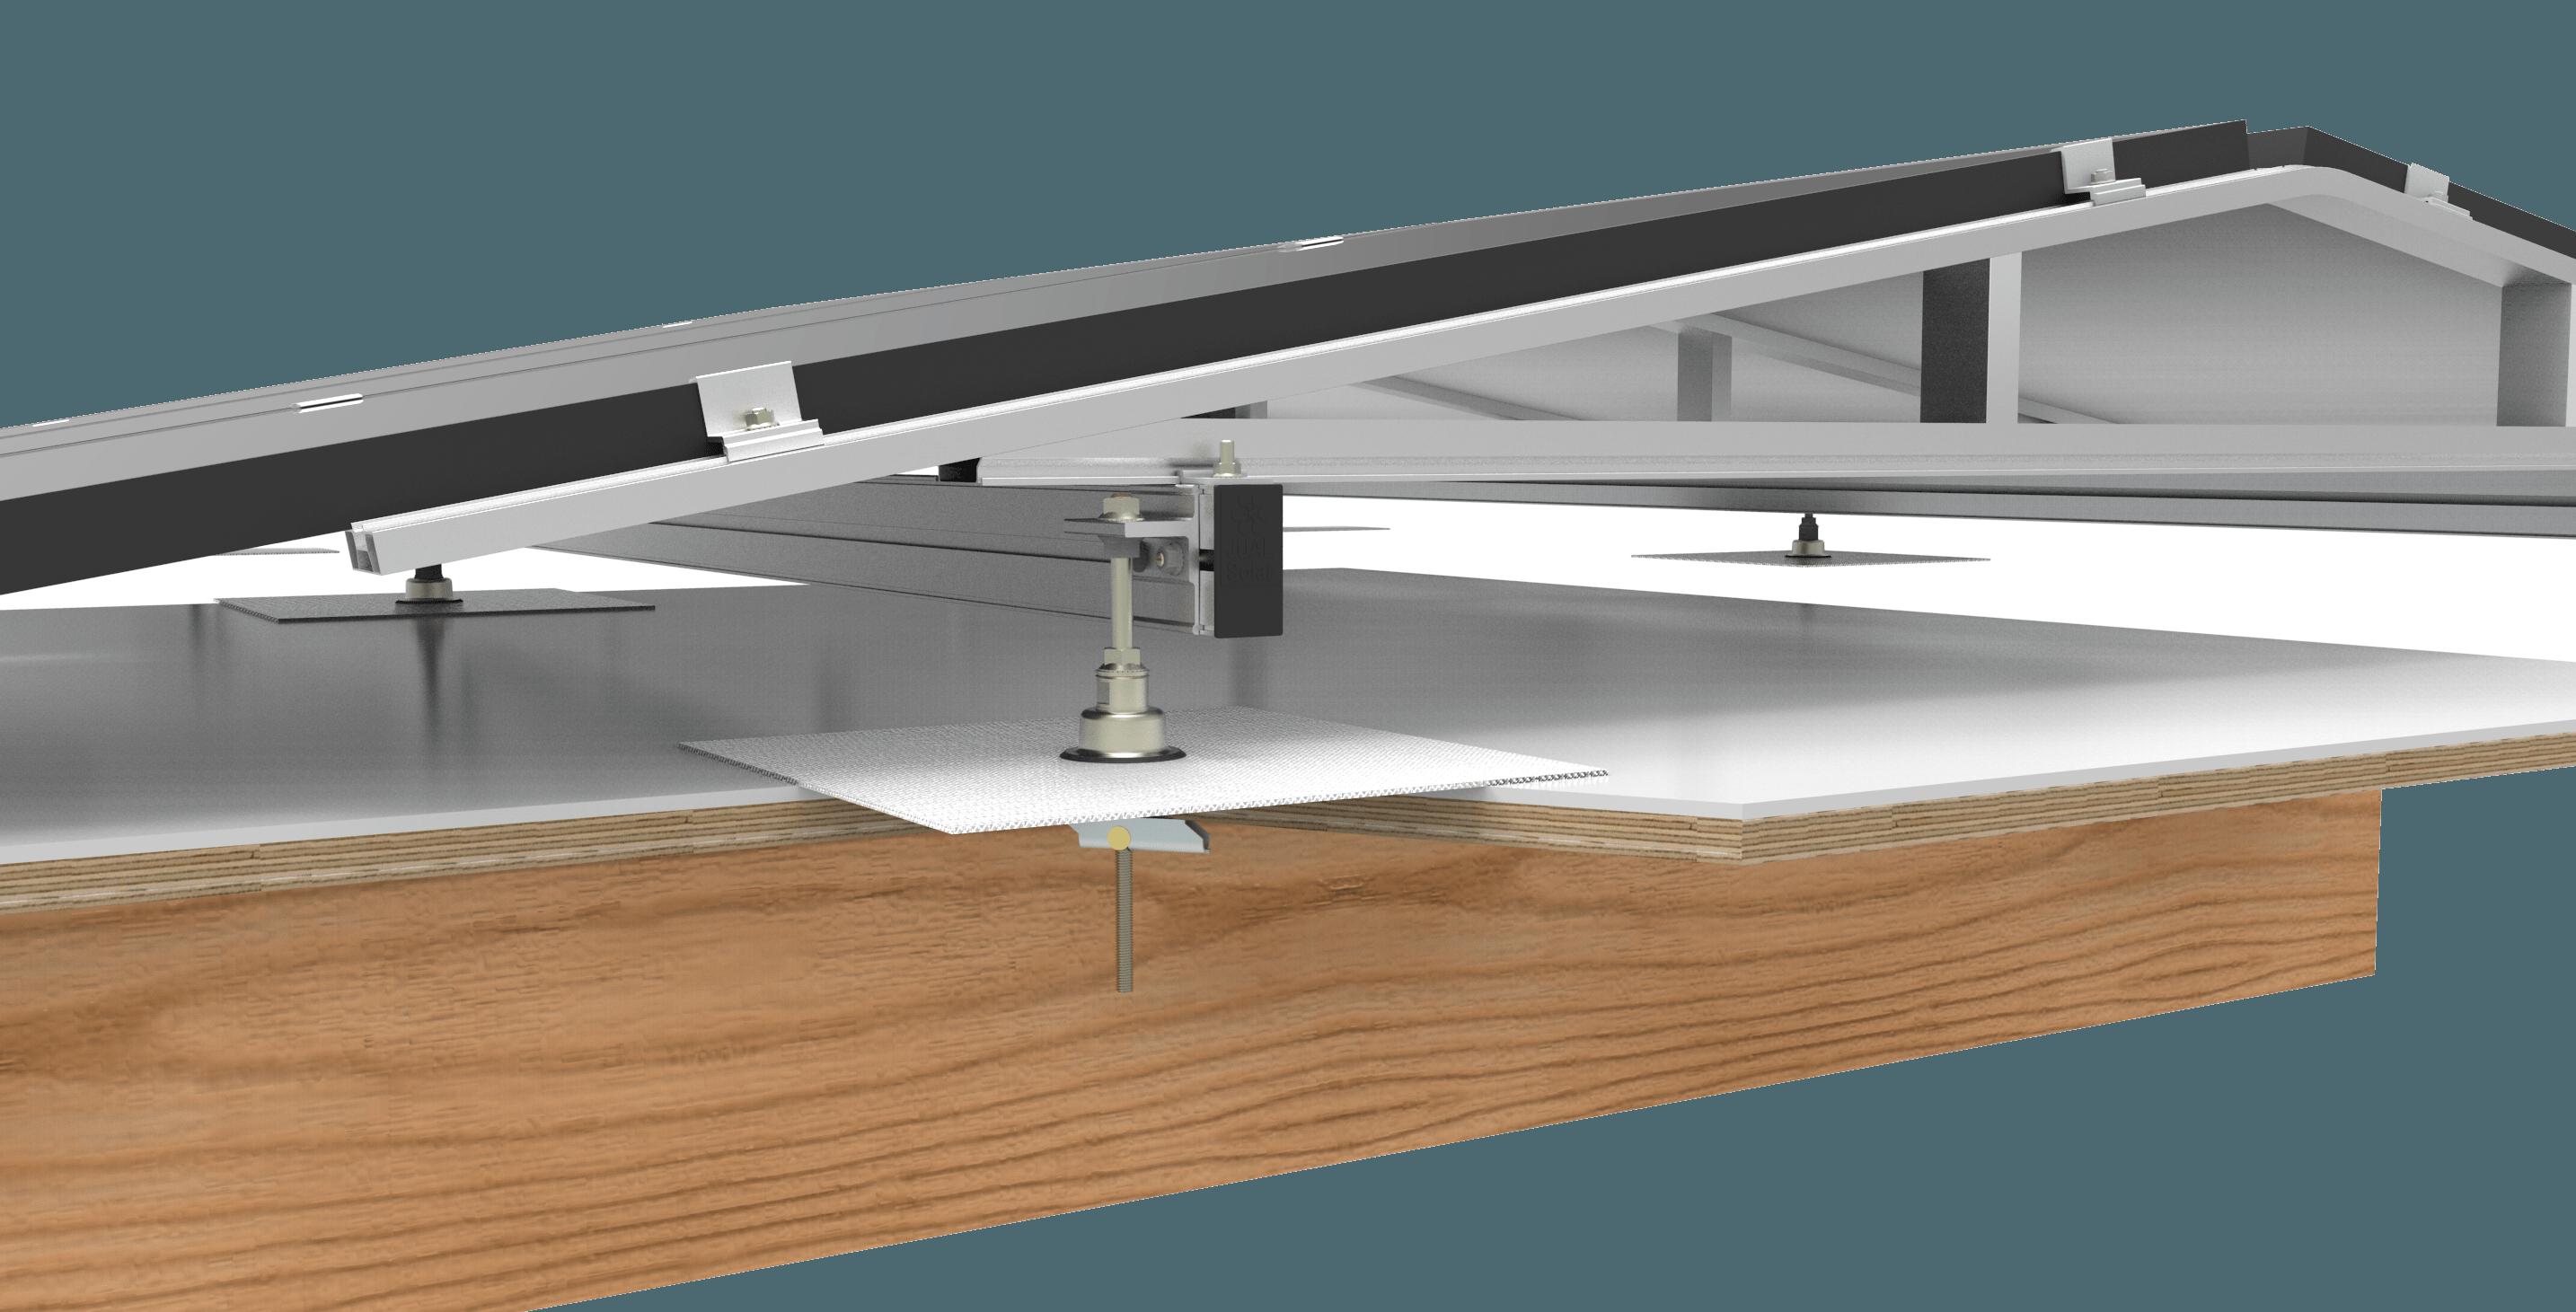 Ballastvrij montagesysteem voor zonnepanelen warmtepomp collector